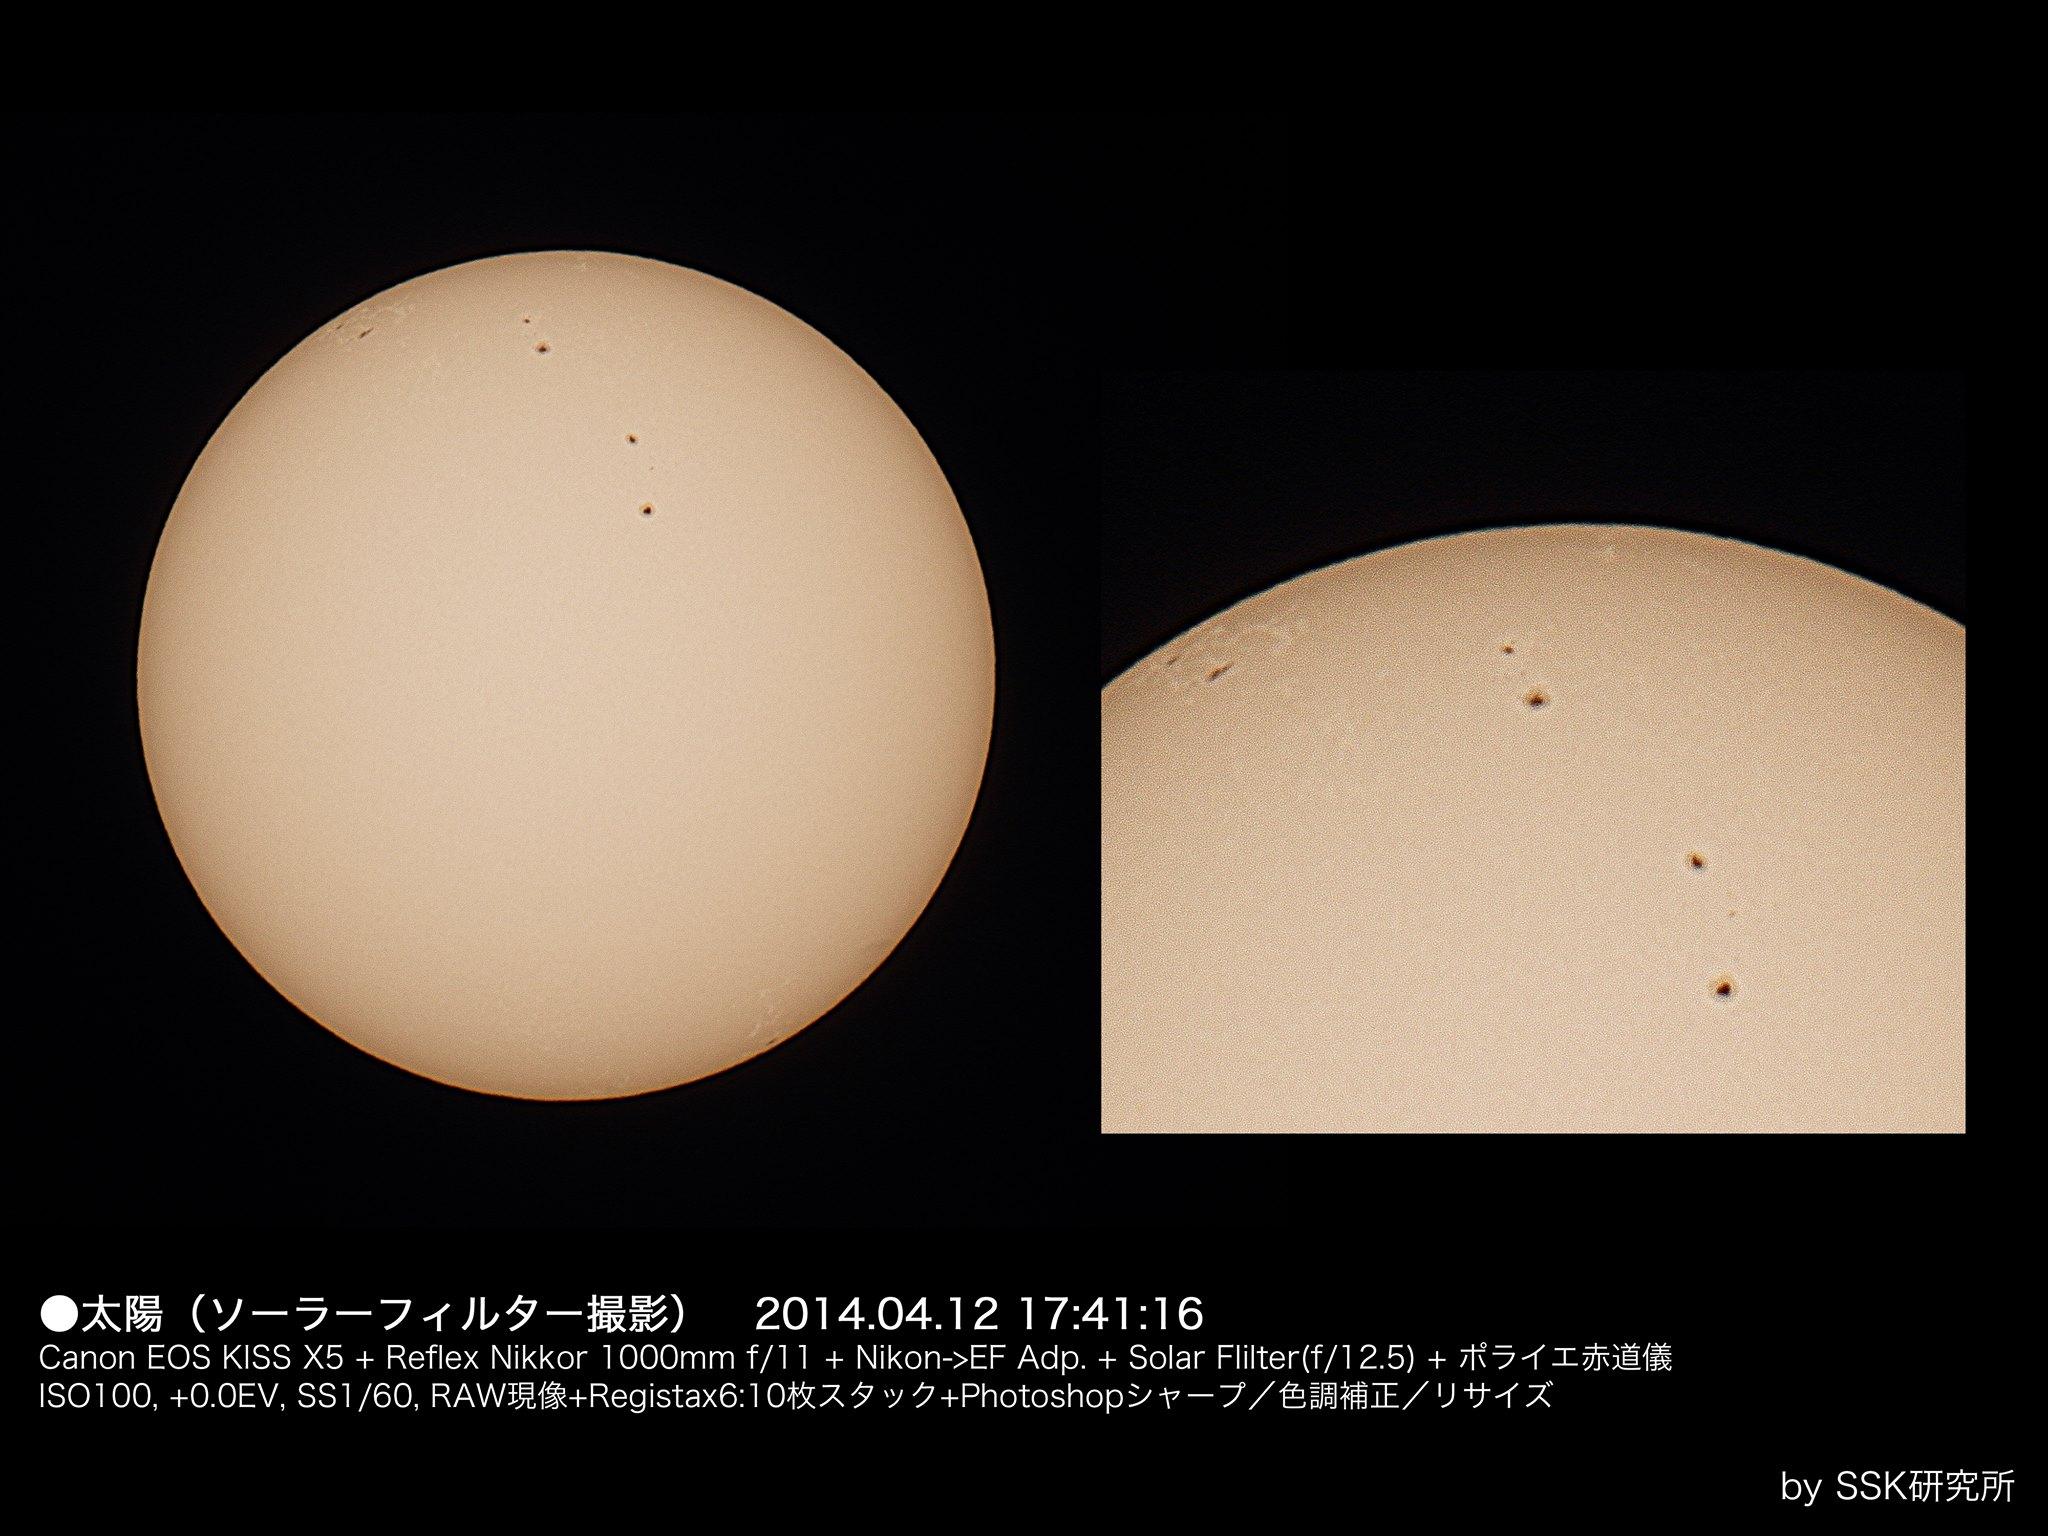 太陽(可視光・ソーラーフィルター撮影)